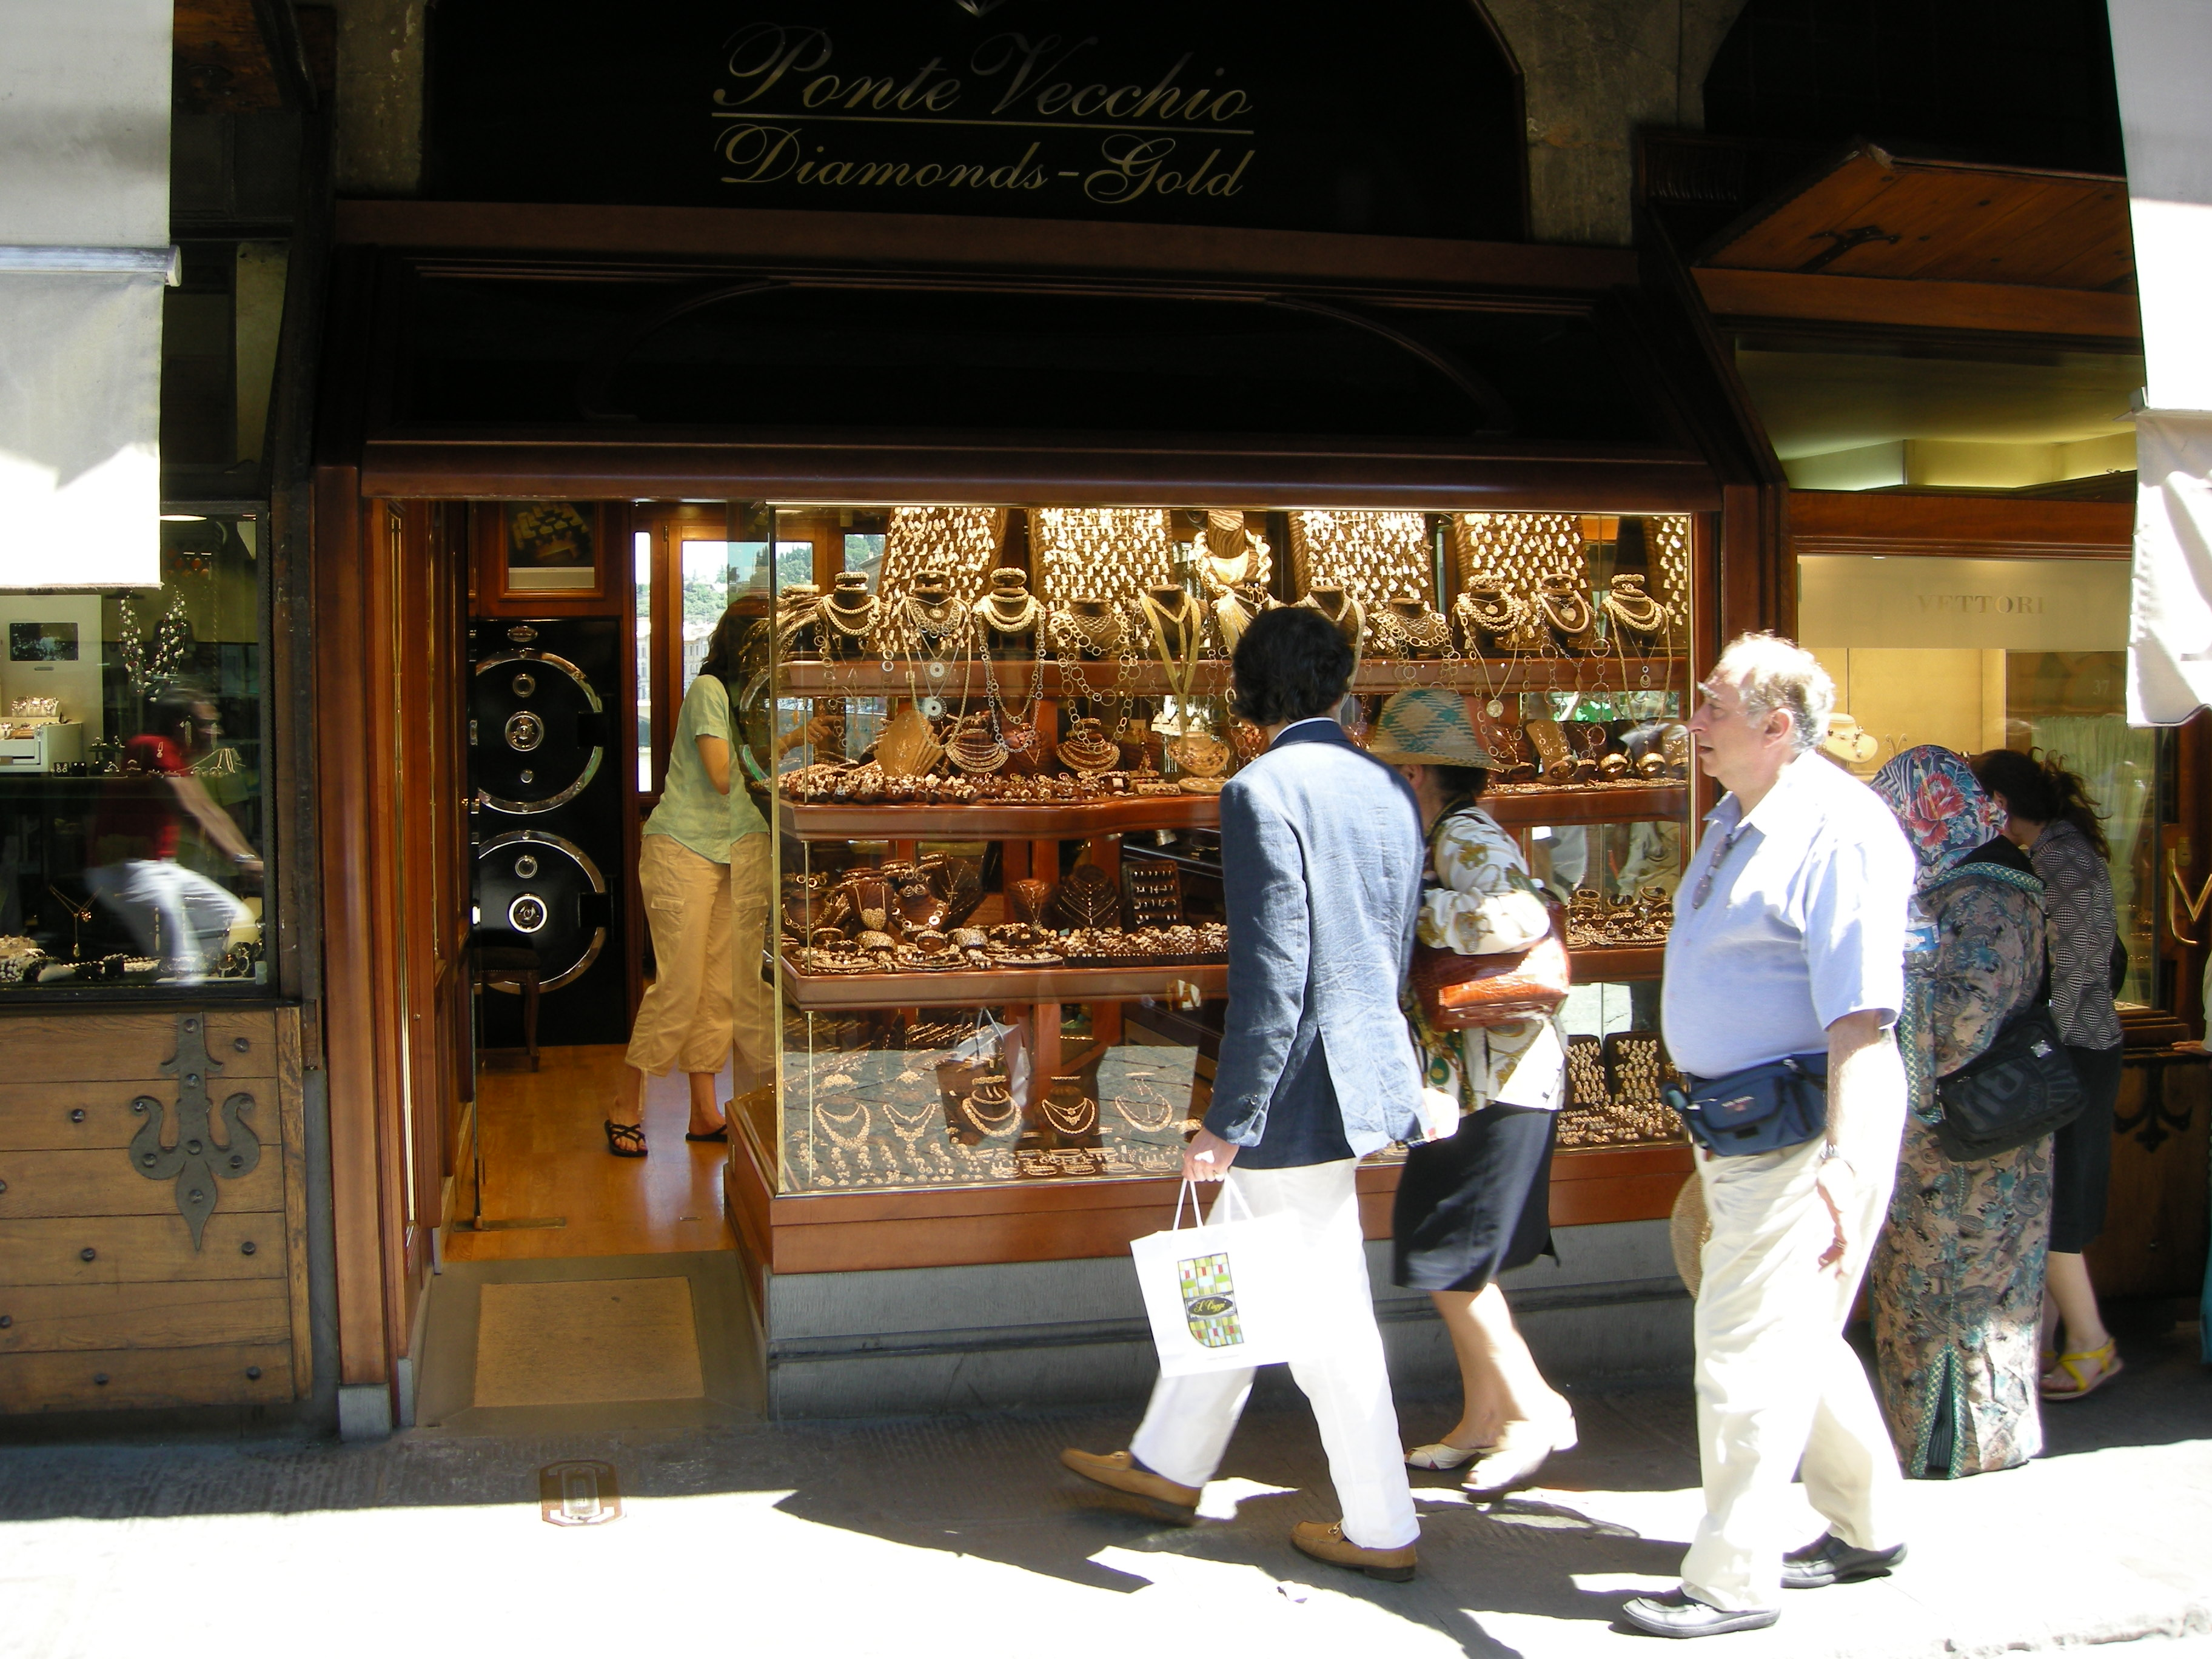 uma loja do Ponte Vecchio